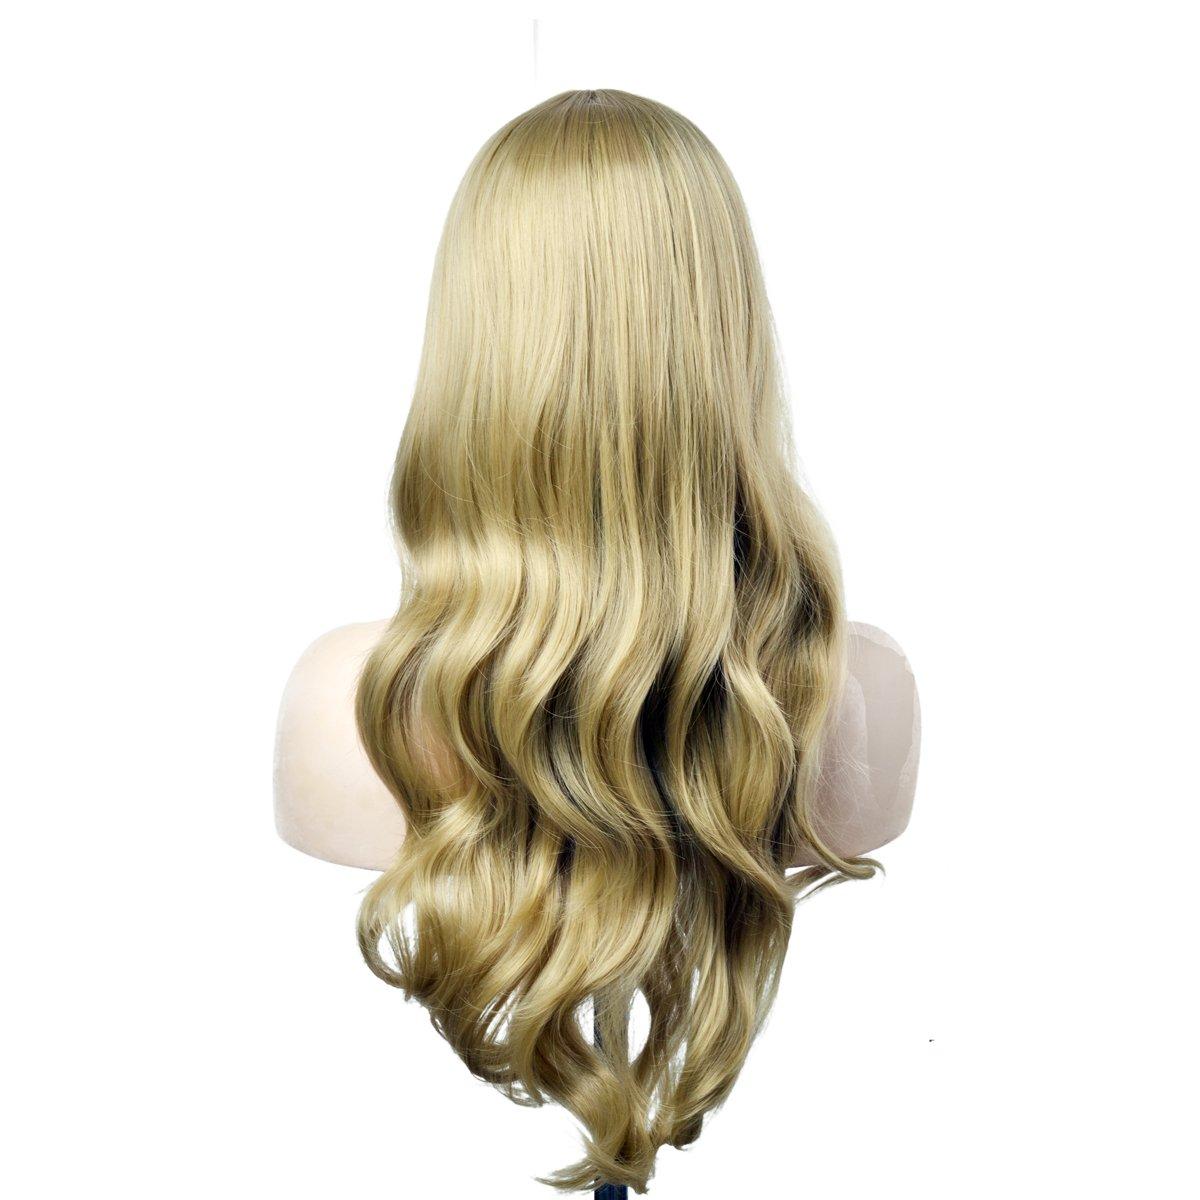 Amazon xy angel women long wavy wig full natura heat amazon xy angel women long wavy wig full natura heat resistant hair wigs blonde beauty pmusecretfo Images